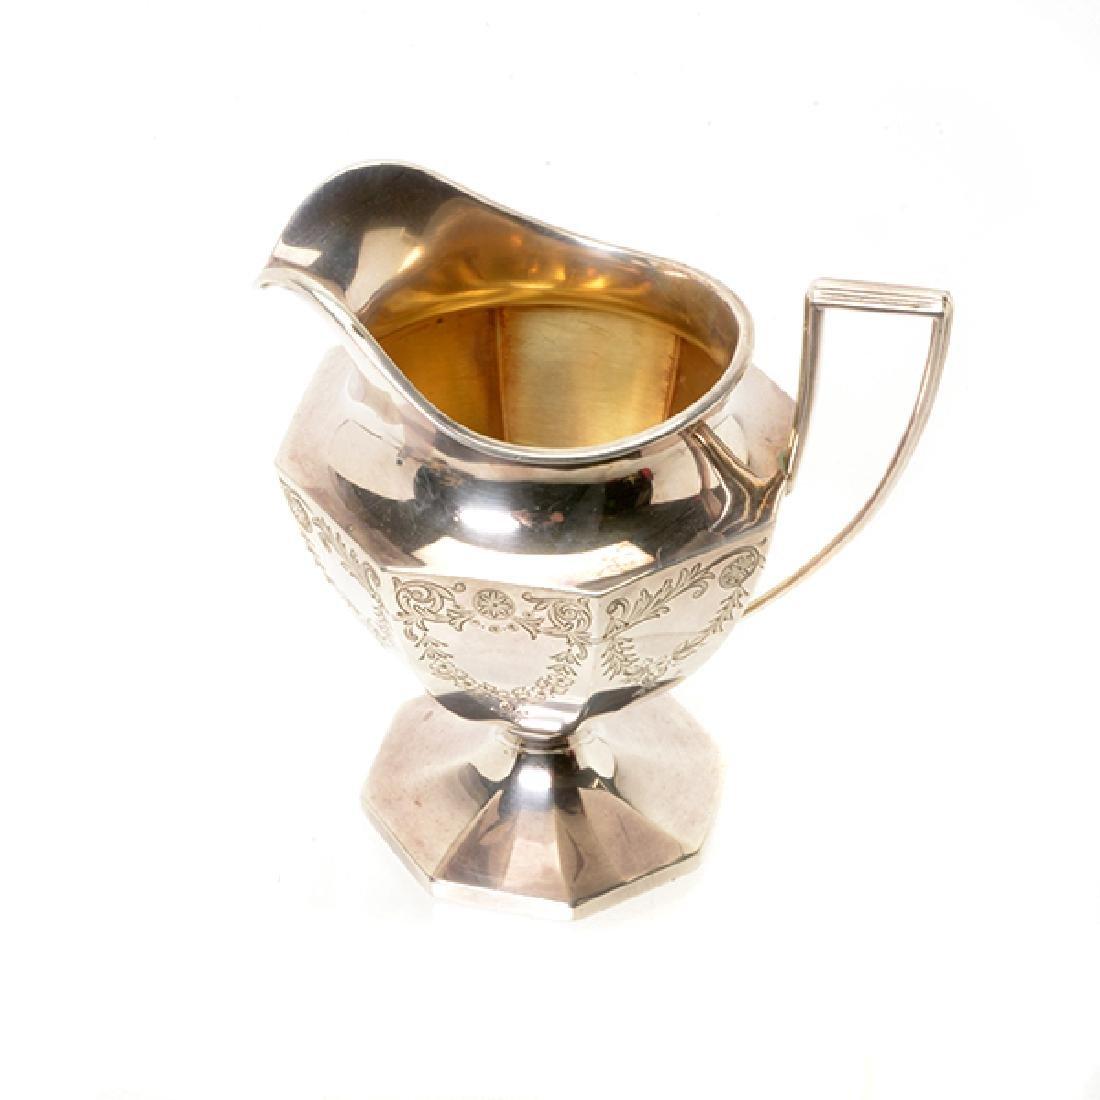 Gorham Sterling Octagonal Form Etched Tea Service - 9